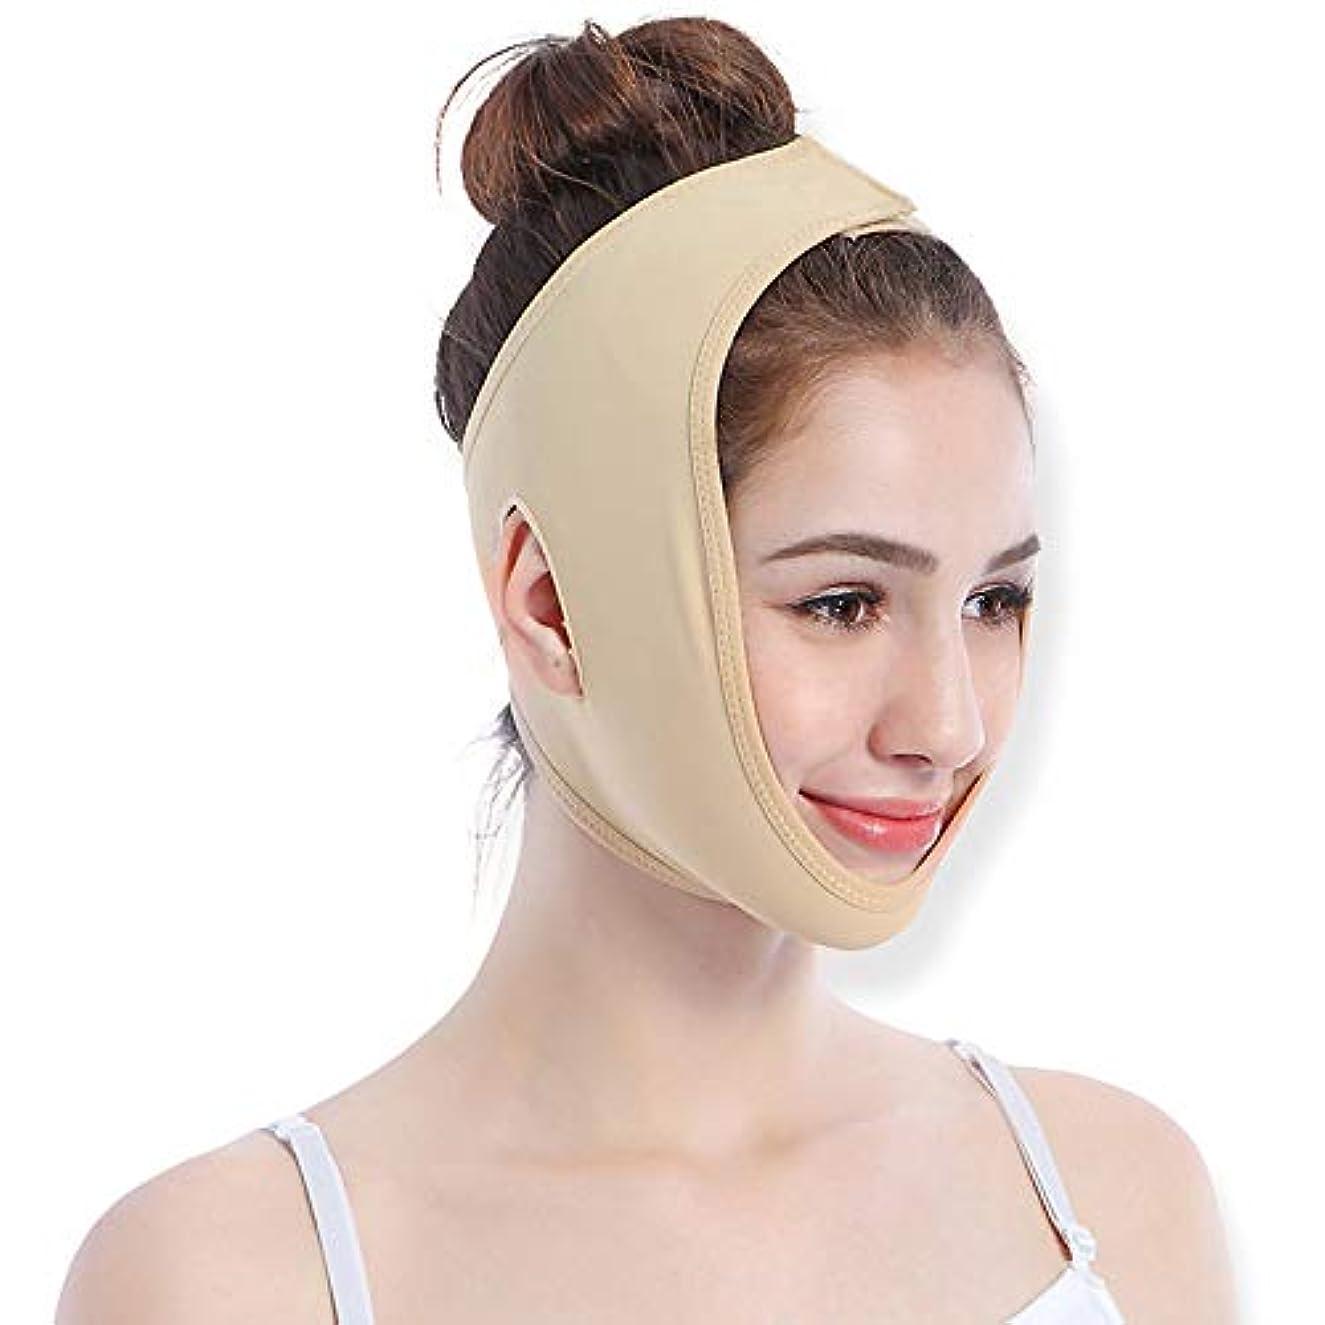 祖先ぴかぴかより平らな顔の重量損失通気性顔マスク睡眠 V 顔マスク顔リフティング包帯リフティング引き締めフェイスリフティングユニセックス,S